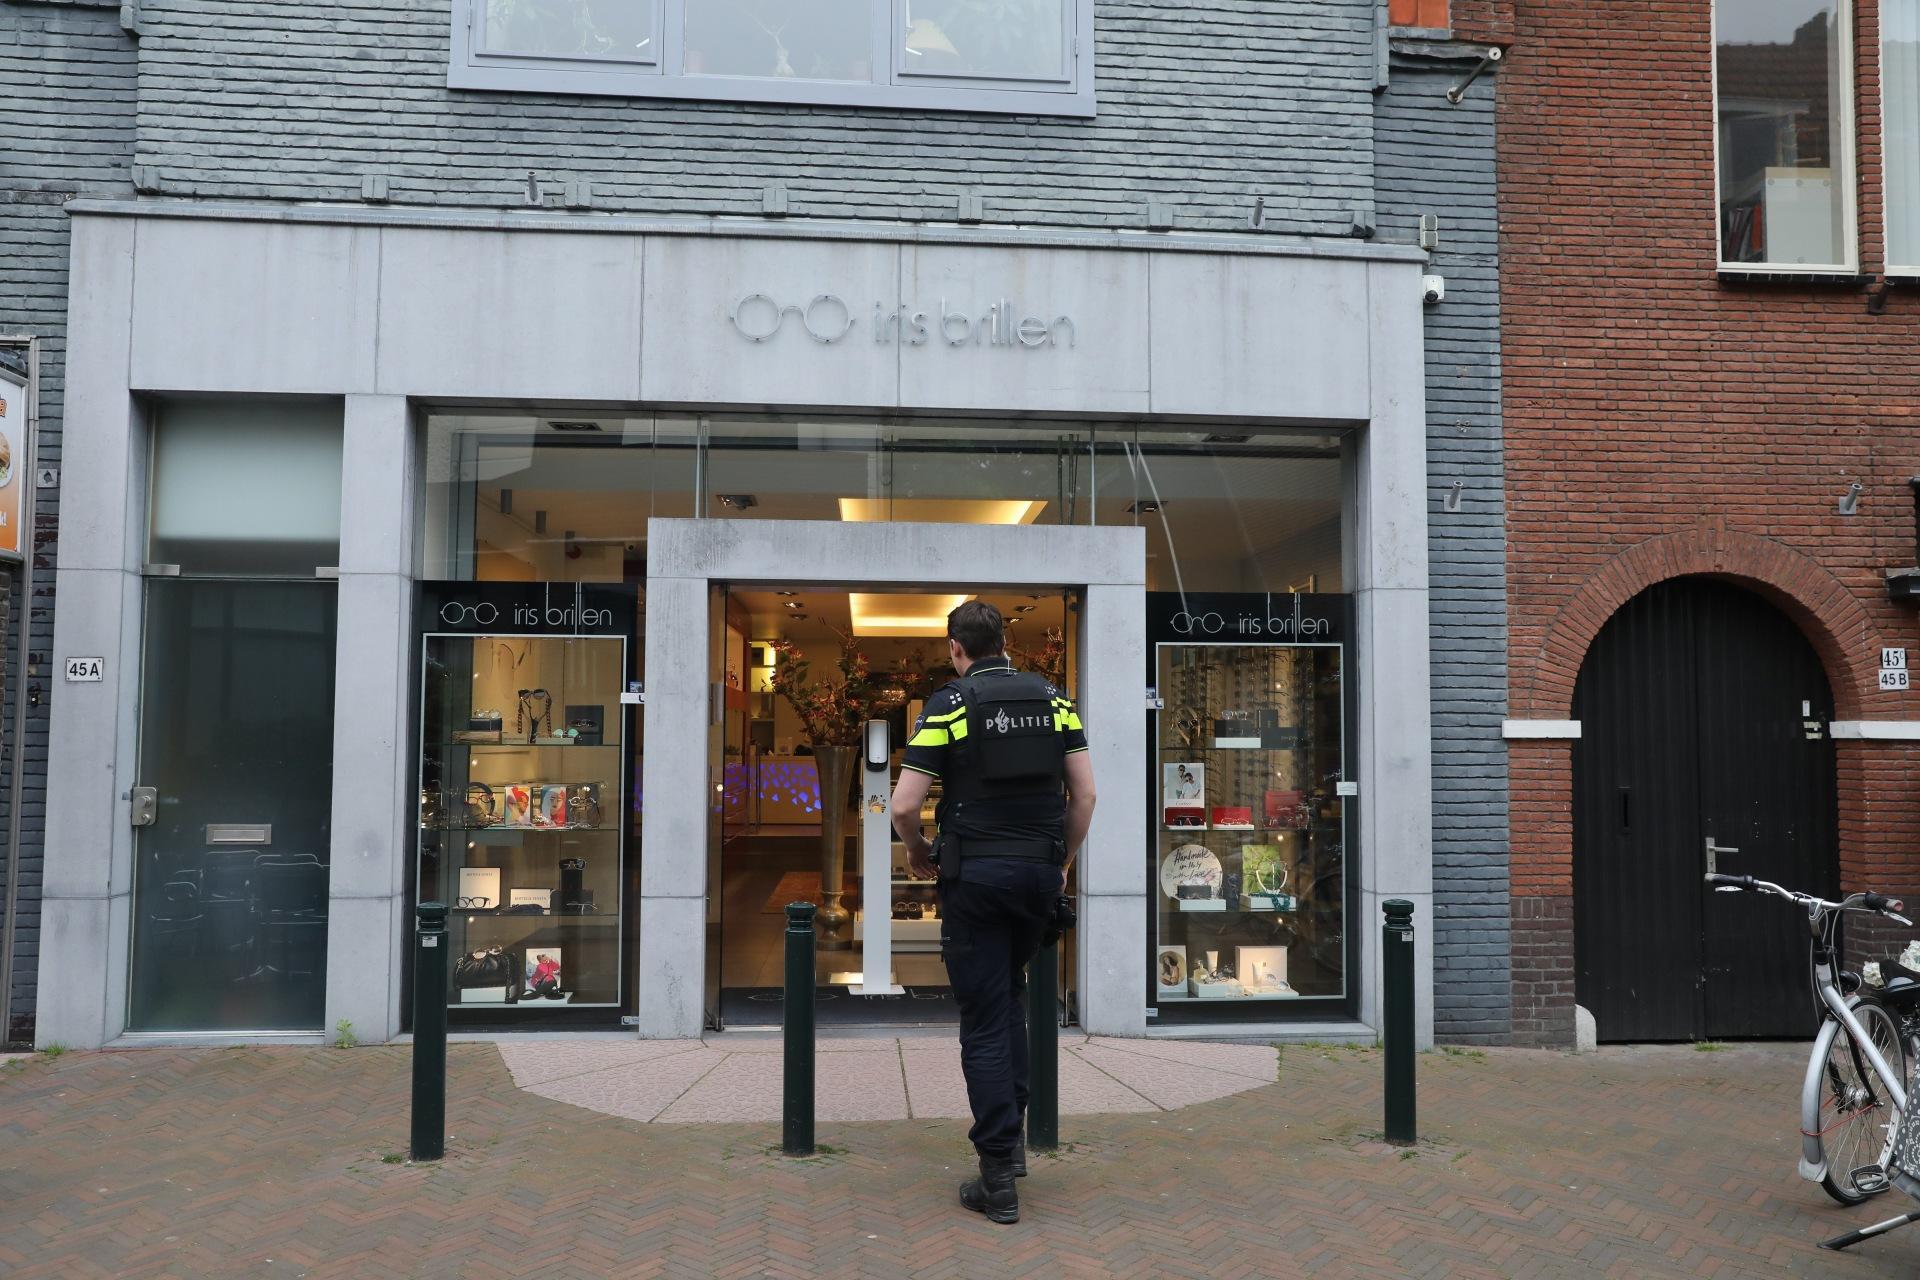 Diefstal bij Iris Brillen in Baarn: verdachten na klopjacht aangehouden [update]